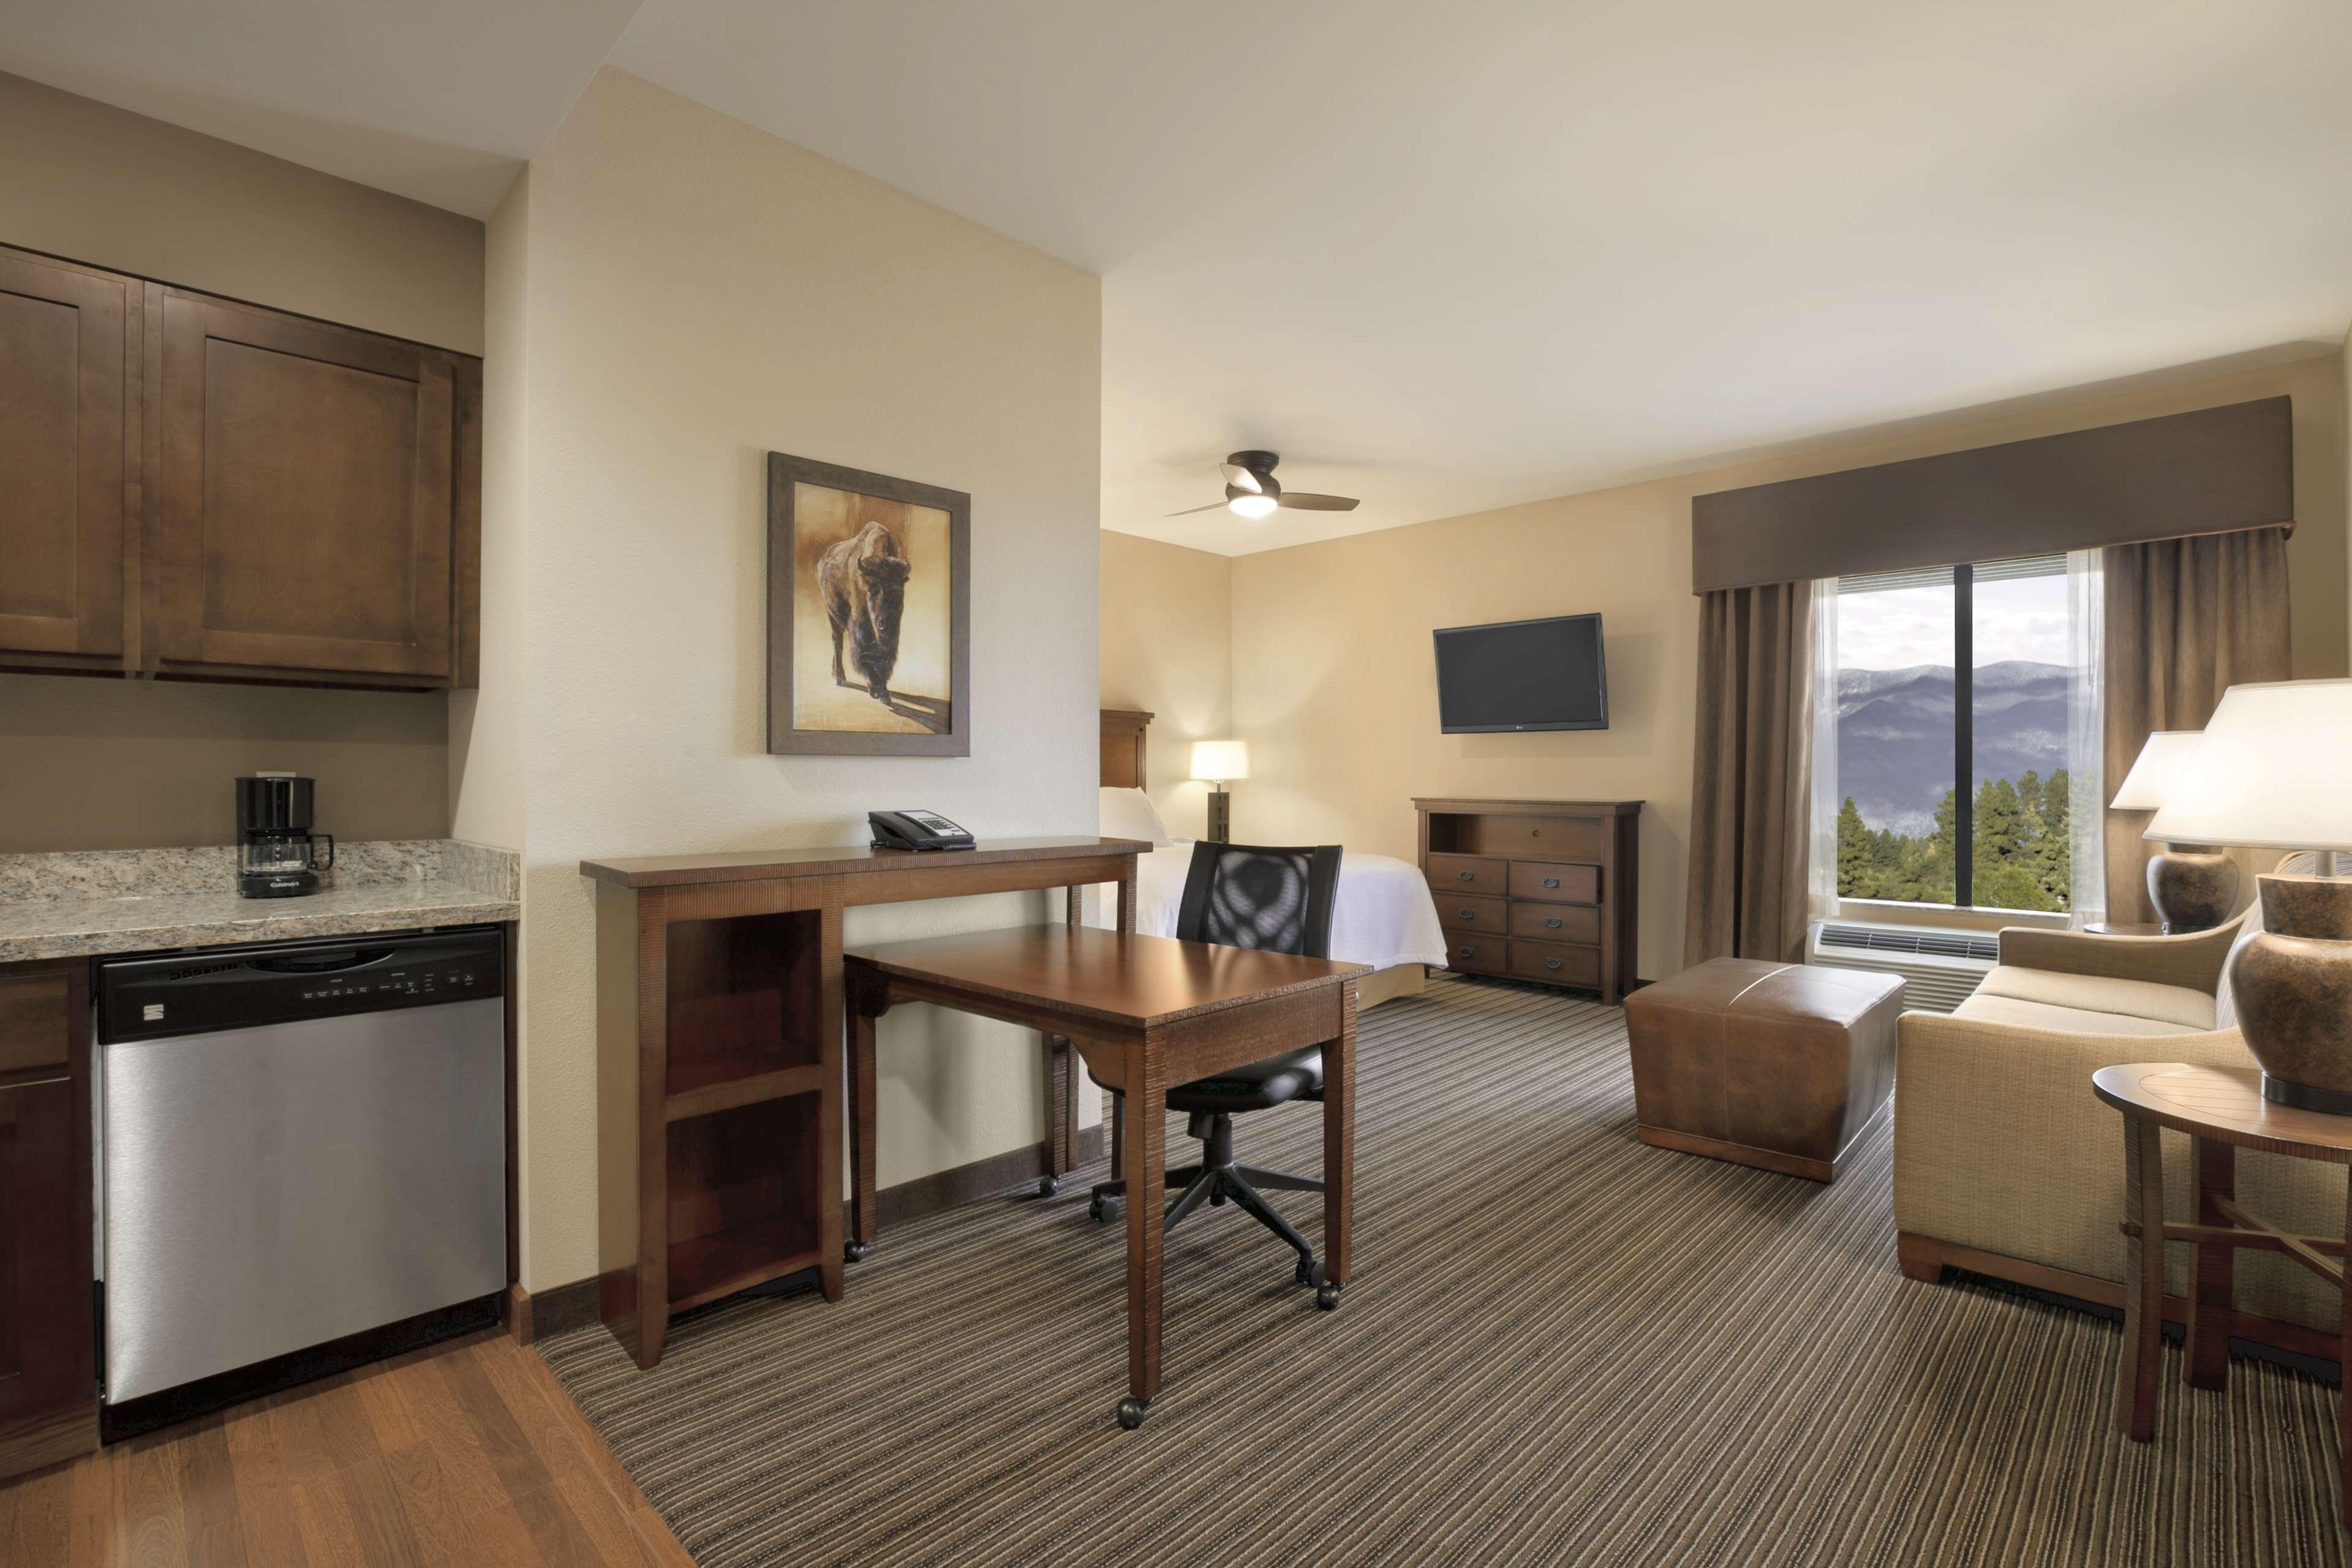 Homewood Suites by Hilton Kalispell, MT image 20